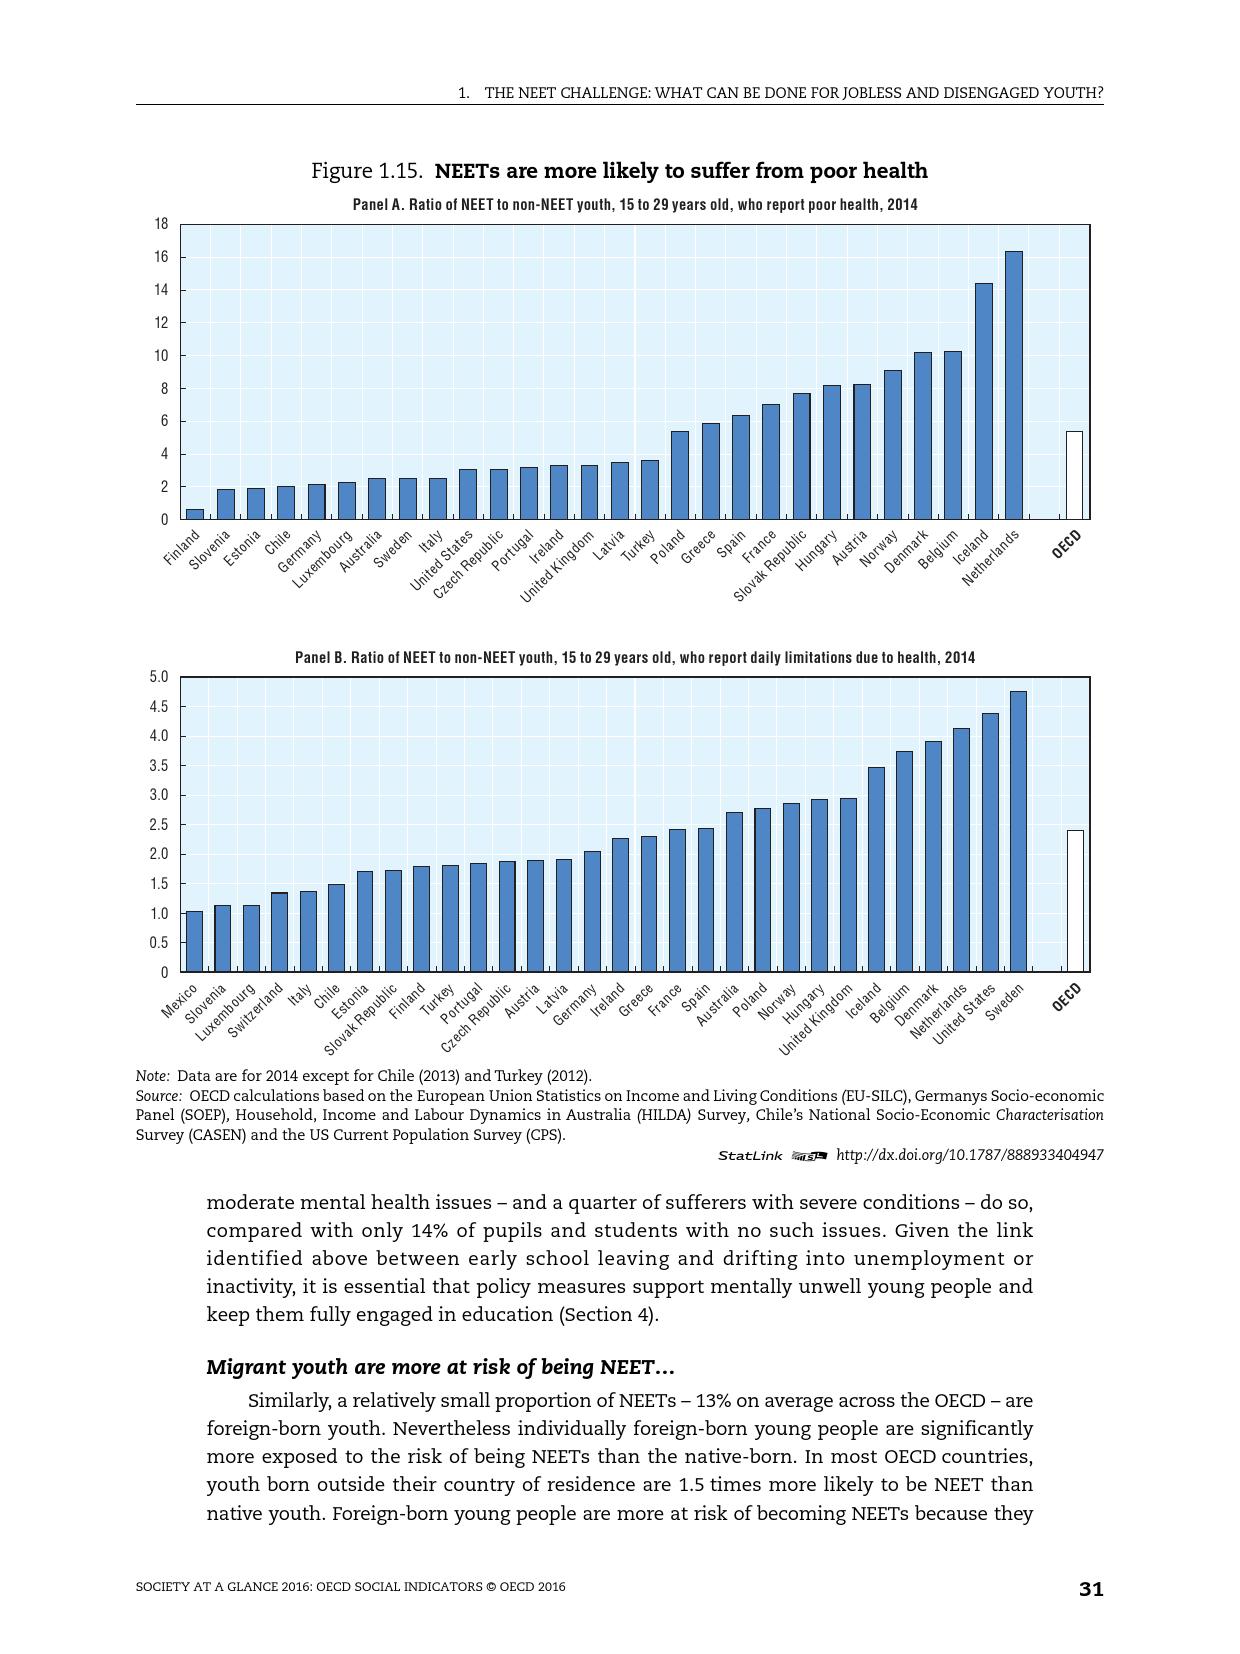 2016年OECD国家社会概览报告_000033